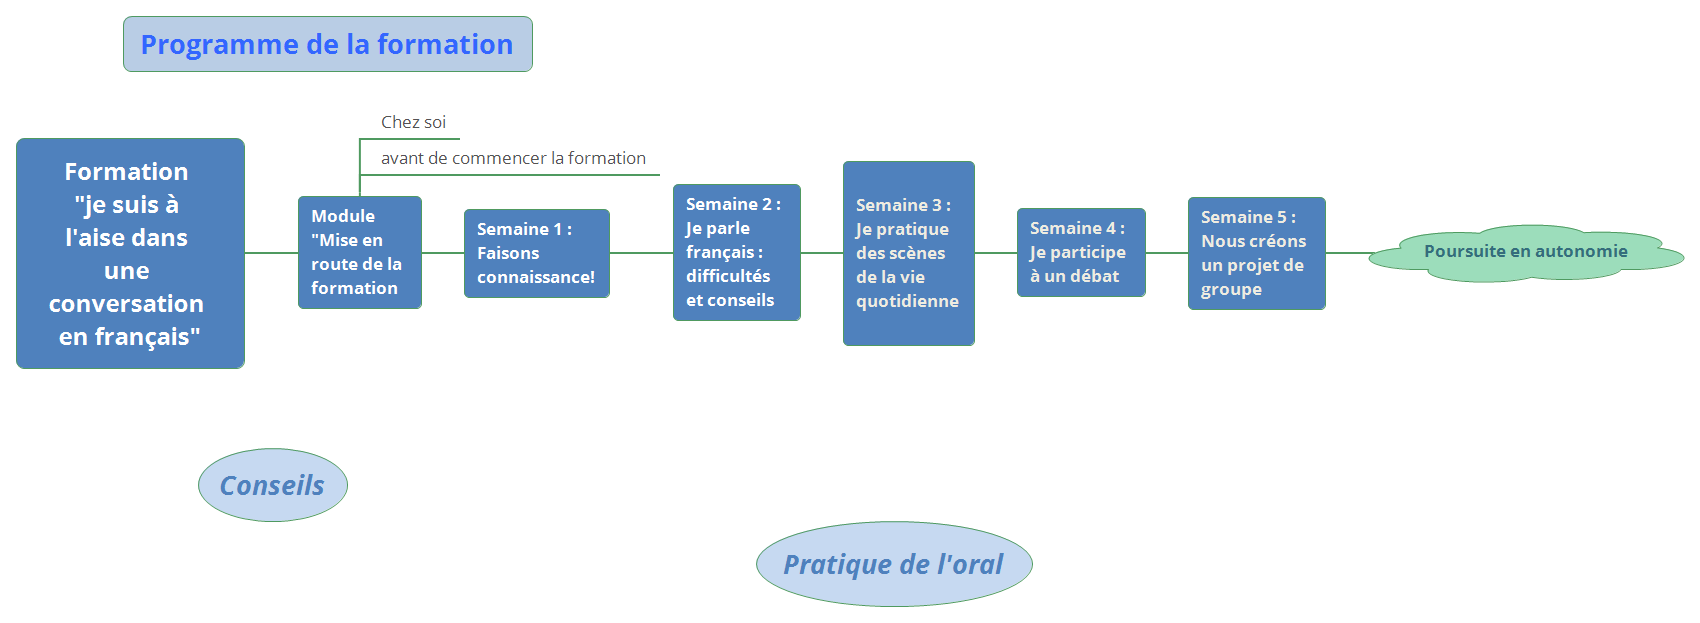 Programme Formation  je suis à l'aise pour parler en français